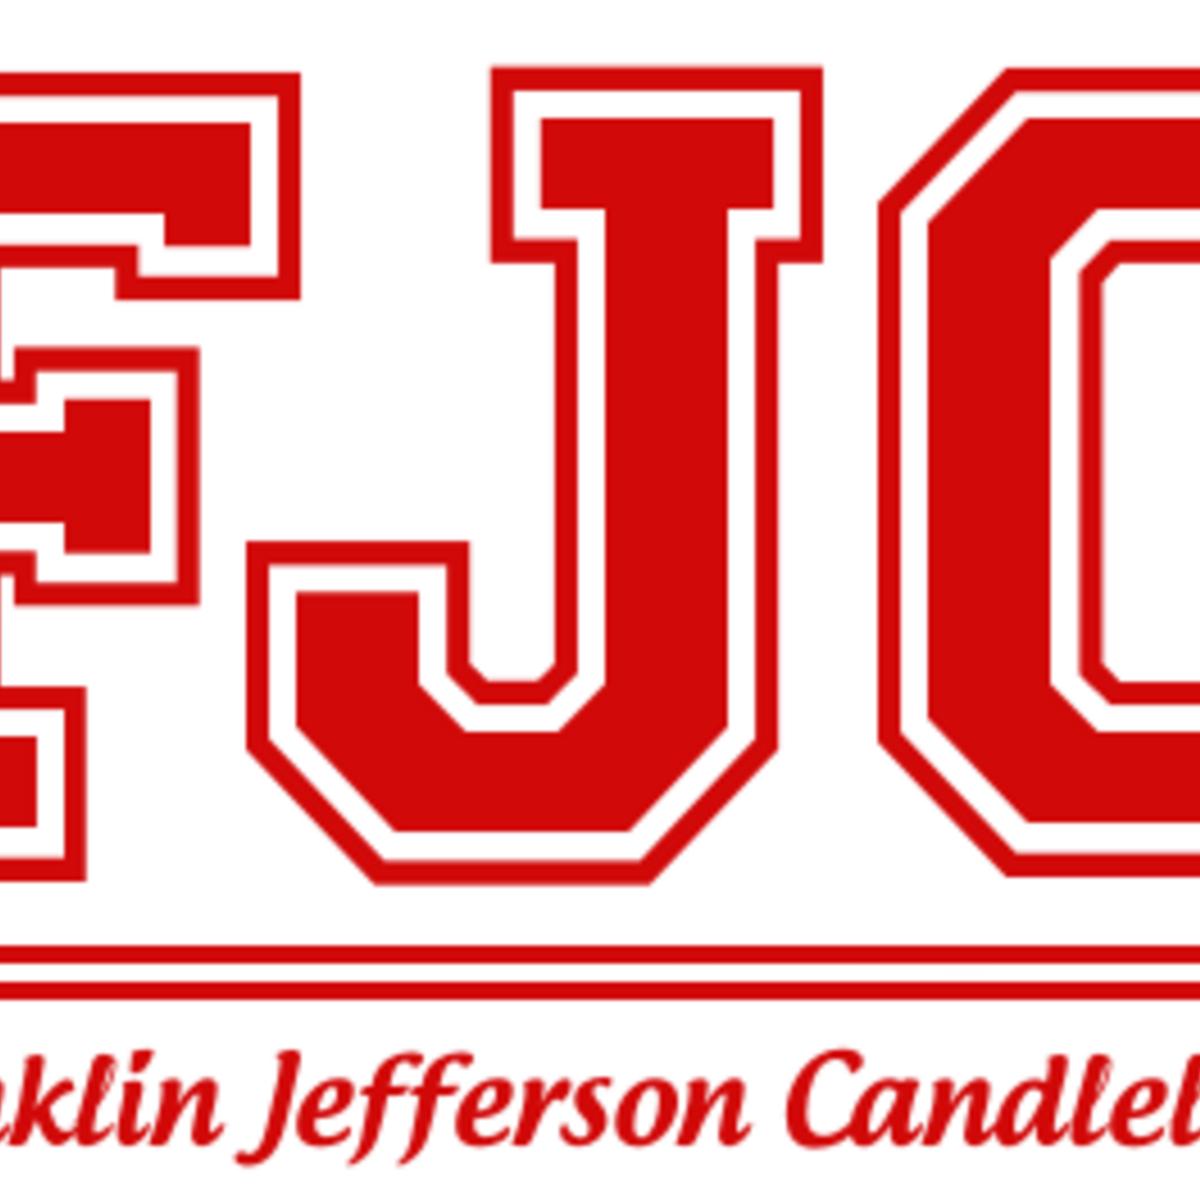 Rentnet Com: Contact FJC Apartments